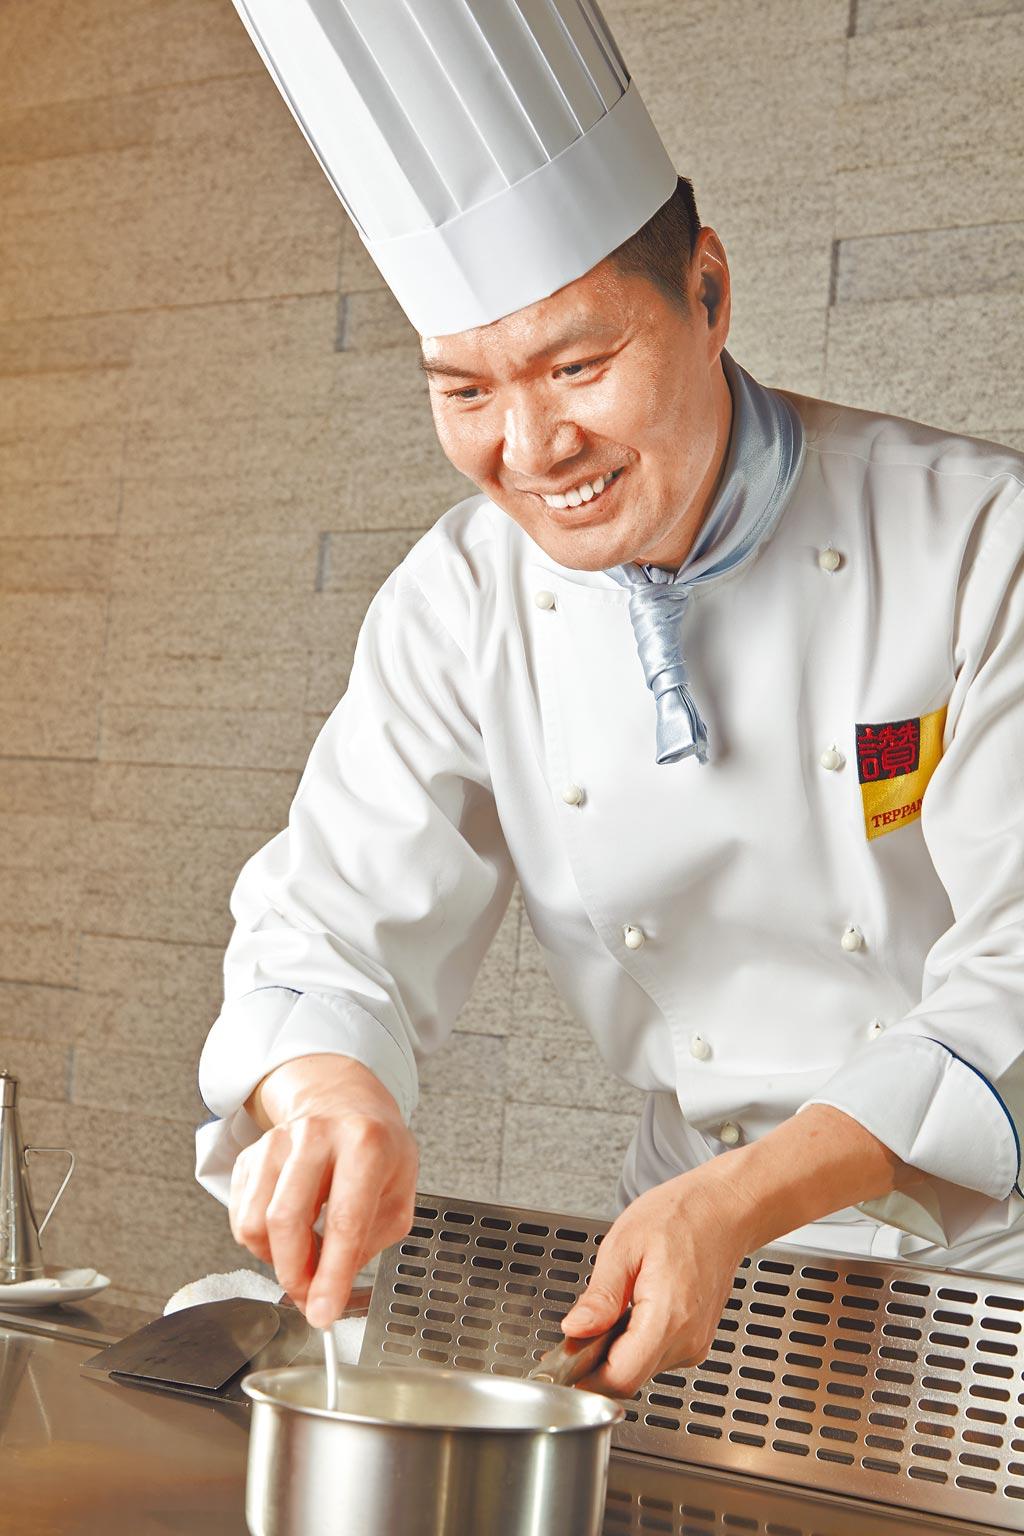 葉清雄掌廚鐵板燒41年,完全展現職人的專業和敬業精神。(讚鐵板燒提供)